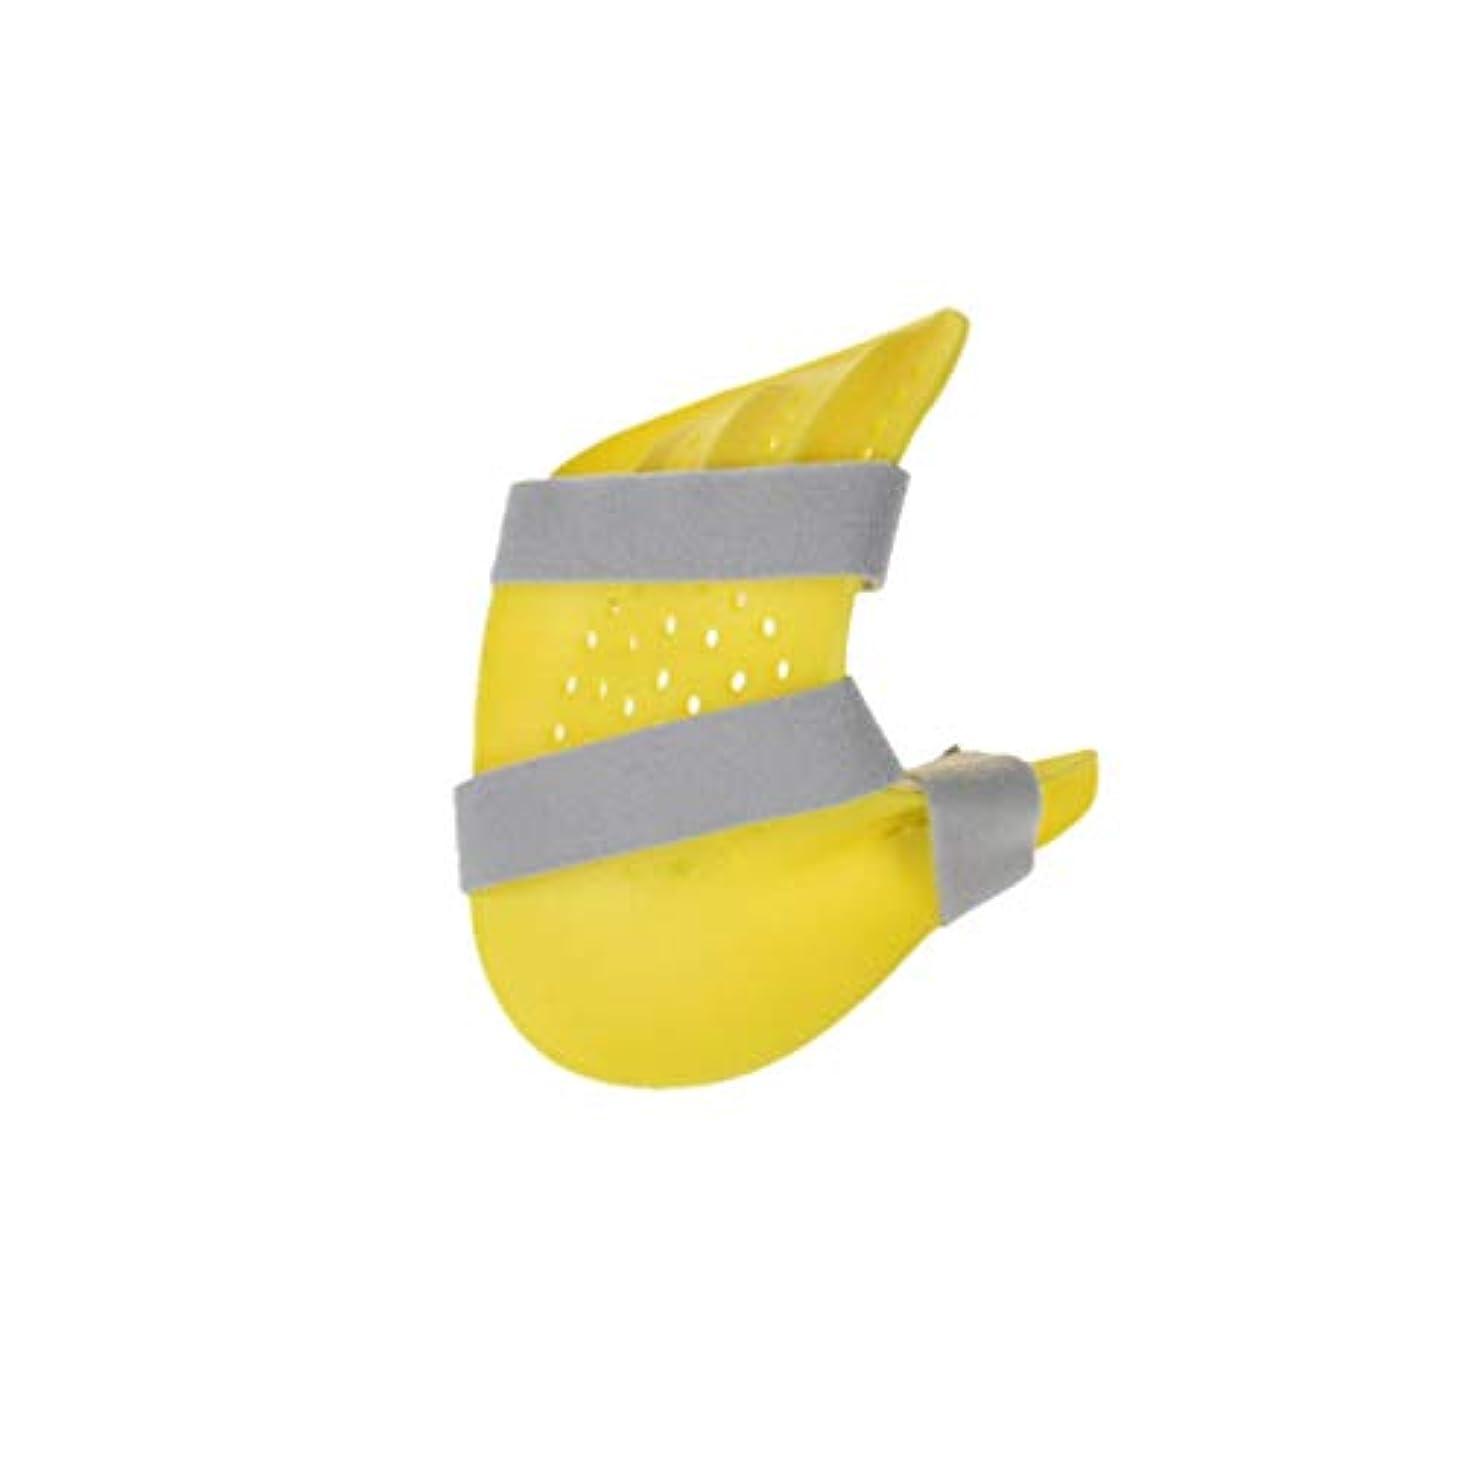 ヒゲ闘争みがきますHealifty 指装具指板ストローク片麻痺指セパレーター装具ポイント脳卒中片麻痺のための副木外傷性脳損傷(左手、黄色)